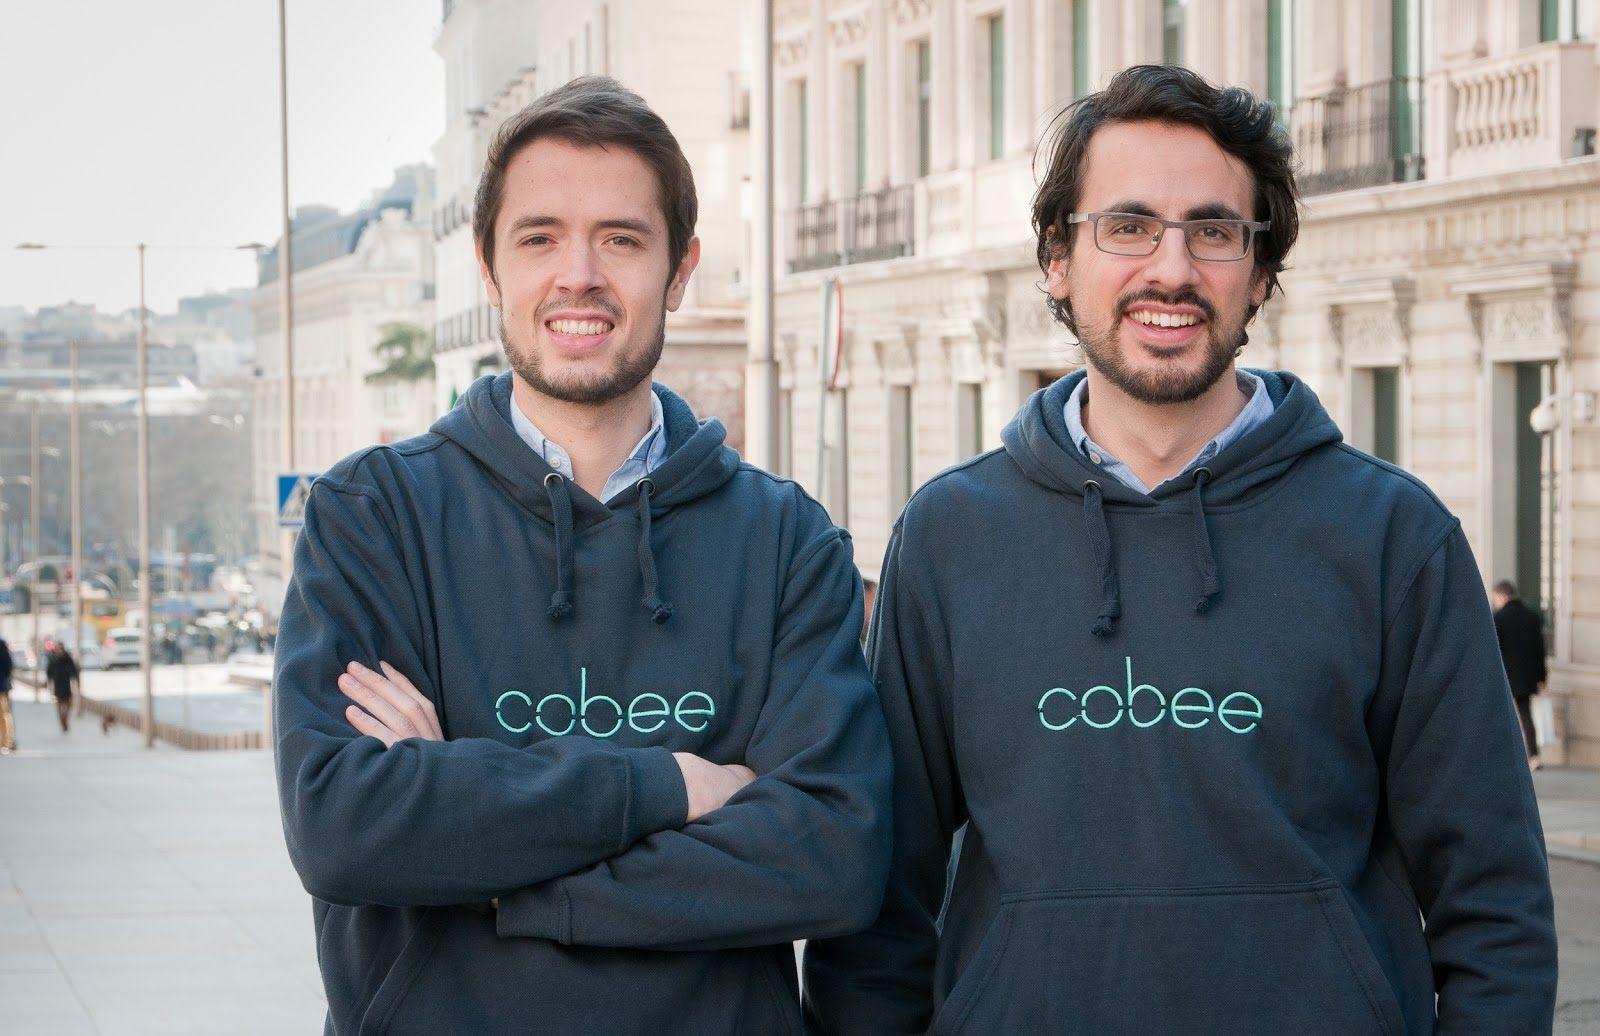 Cobee cierra una ronda de 2,1 millones de euros para seguir revolucionando los beneficios para empleados